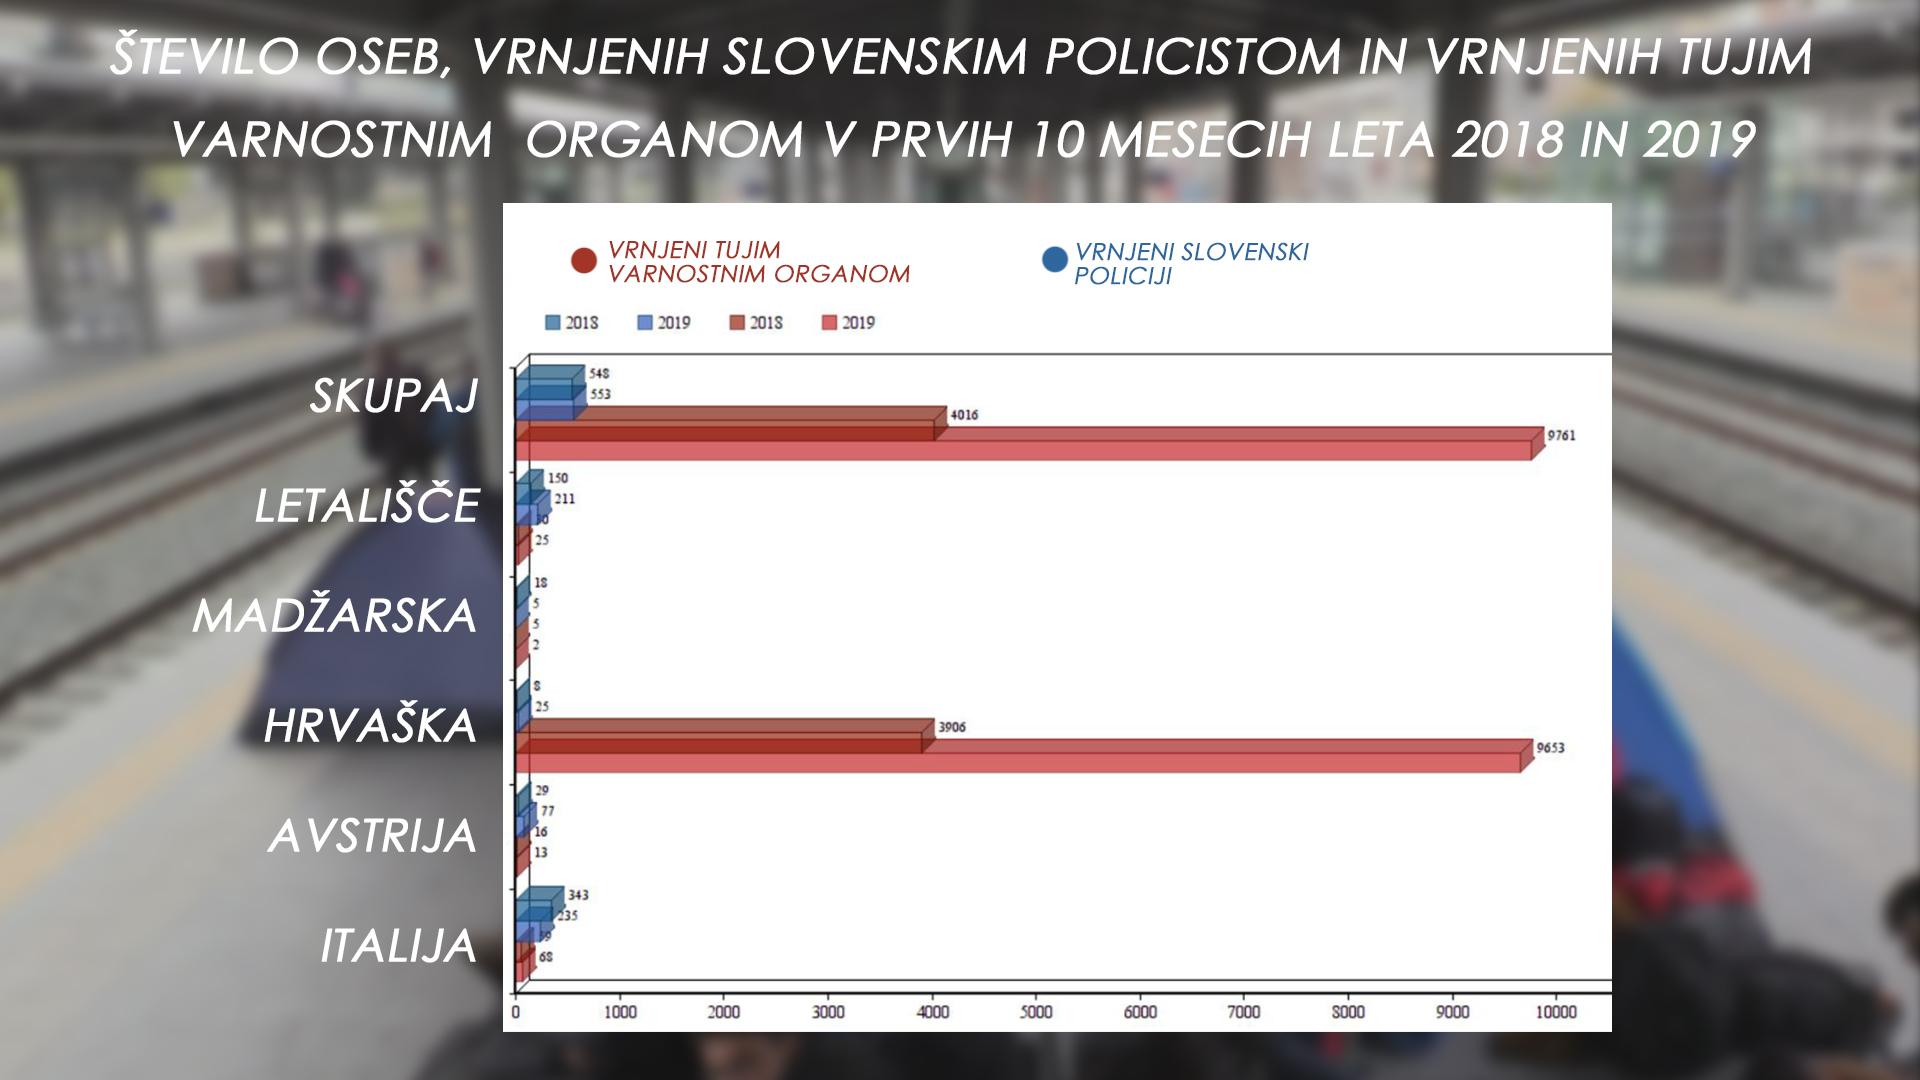 Število oseb vrnjenih slovenskim policistom in tujim organom. (Foto: MNZ, Nova24tv)